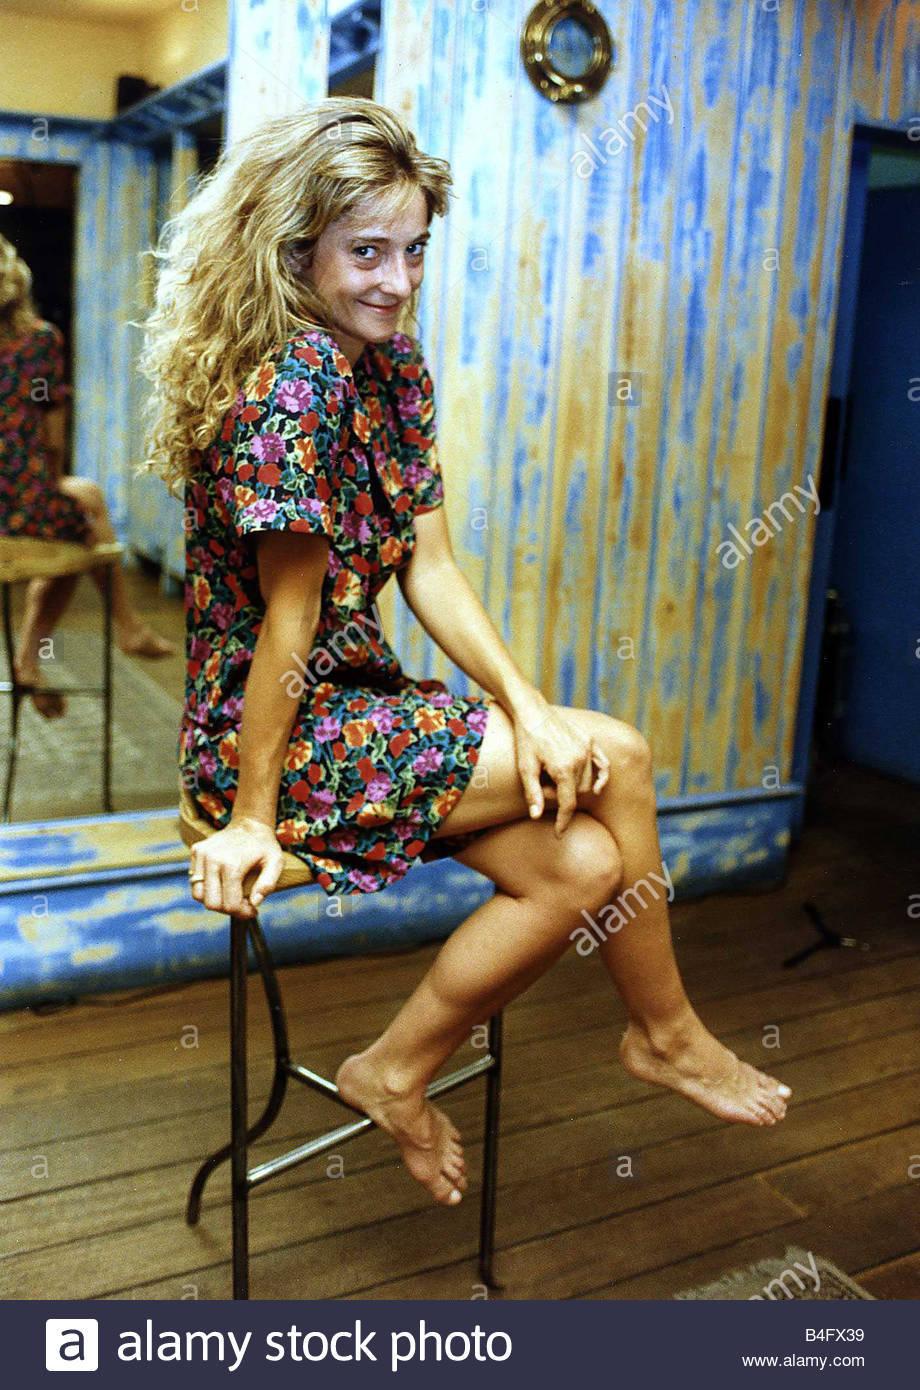 Taissia Shanti Nude Photos 69